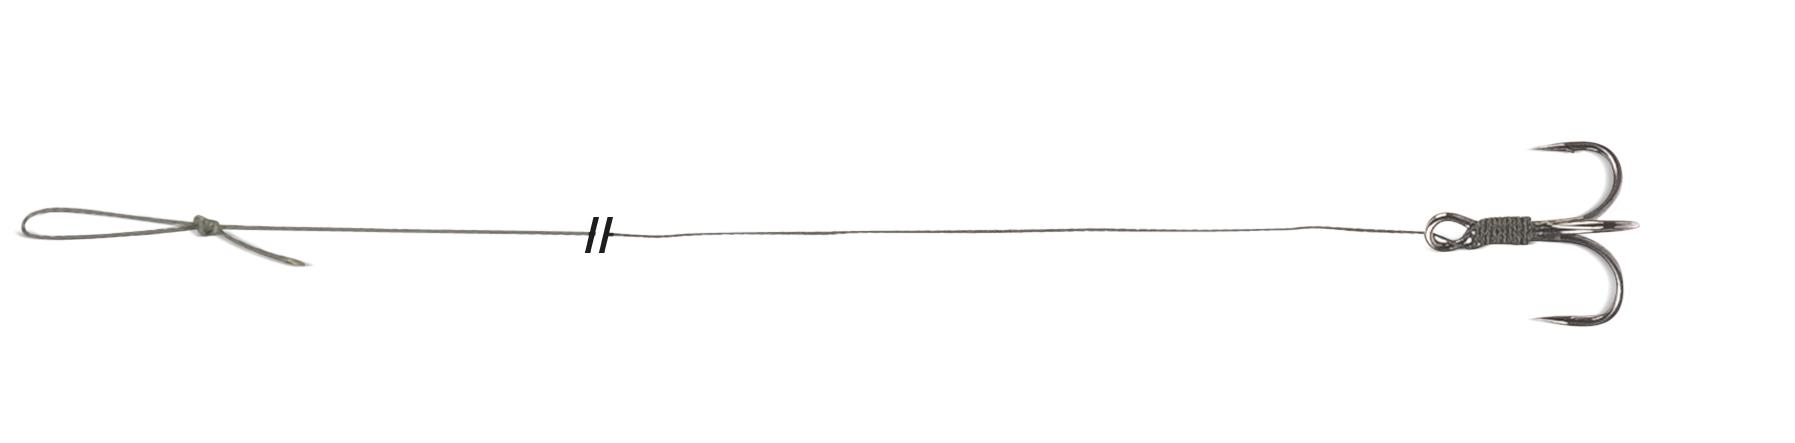 Uni Cat návazec Treble Hook Rig Velikost 4/0